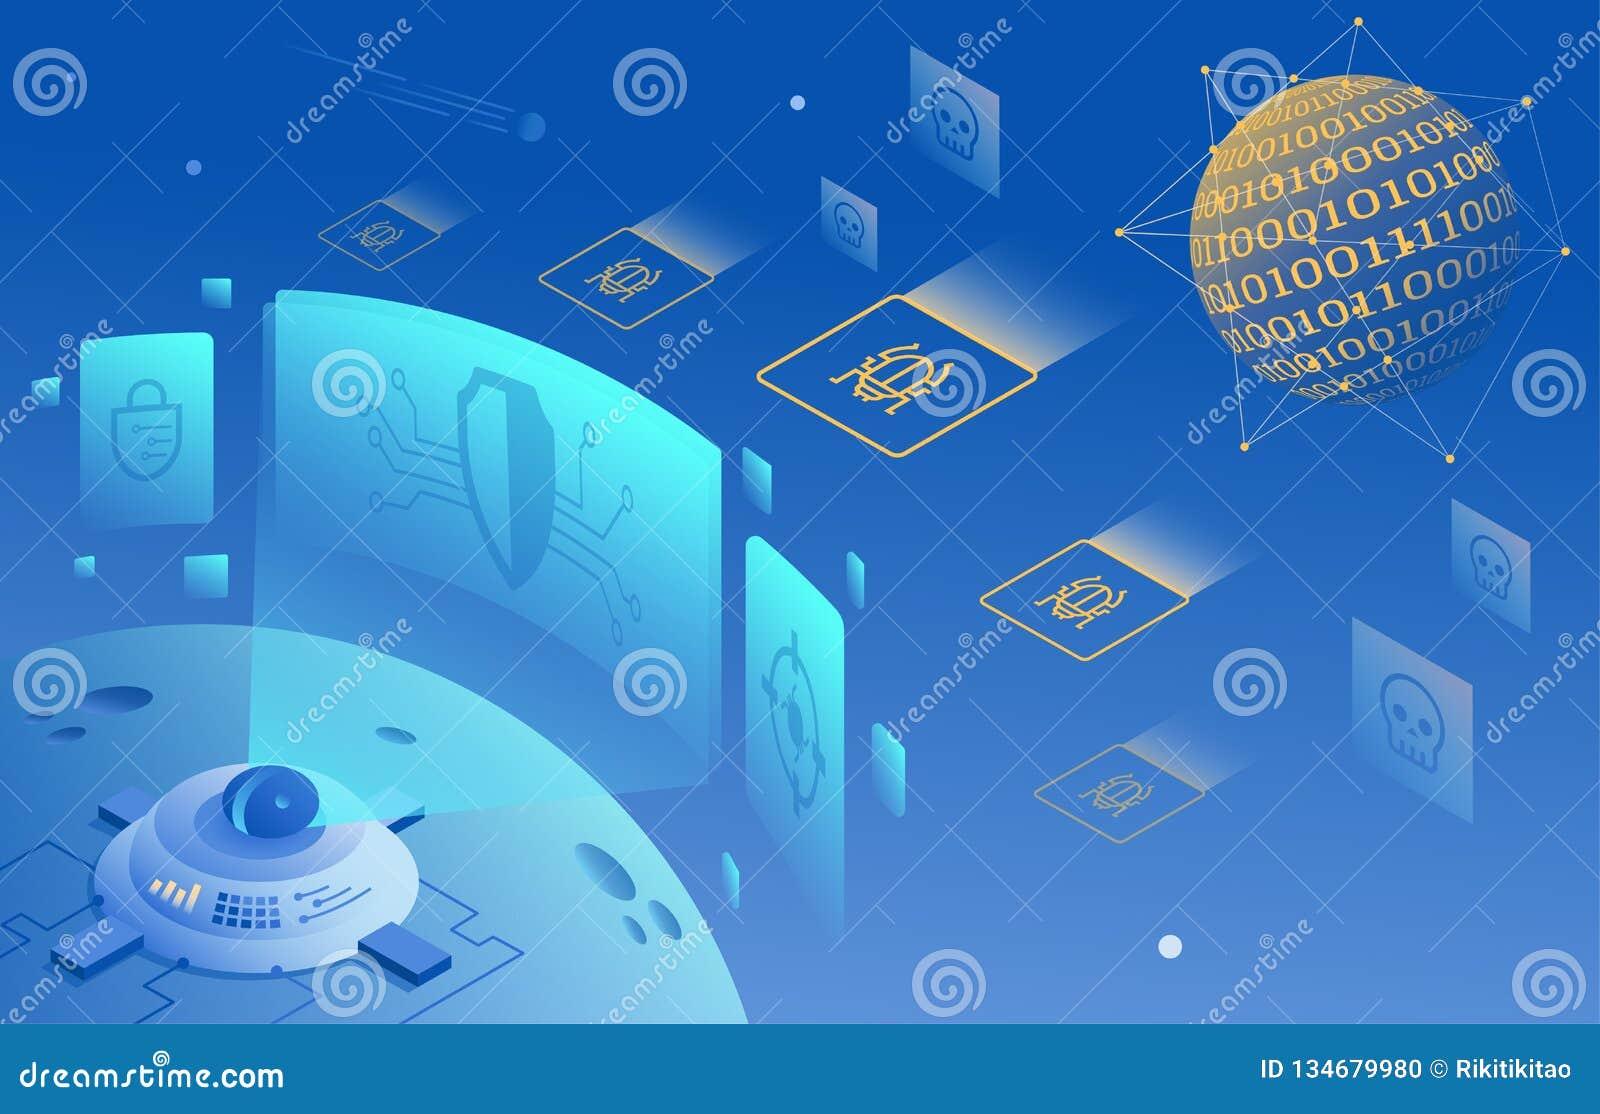 Cybersäkerhet och informations- eller nätverksskyddsillustration